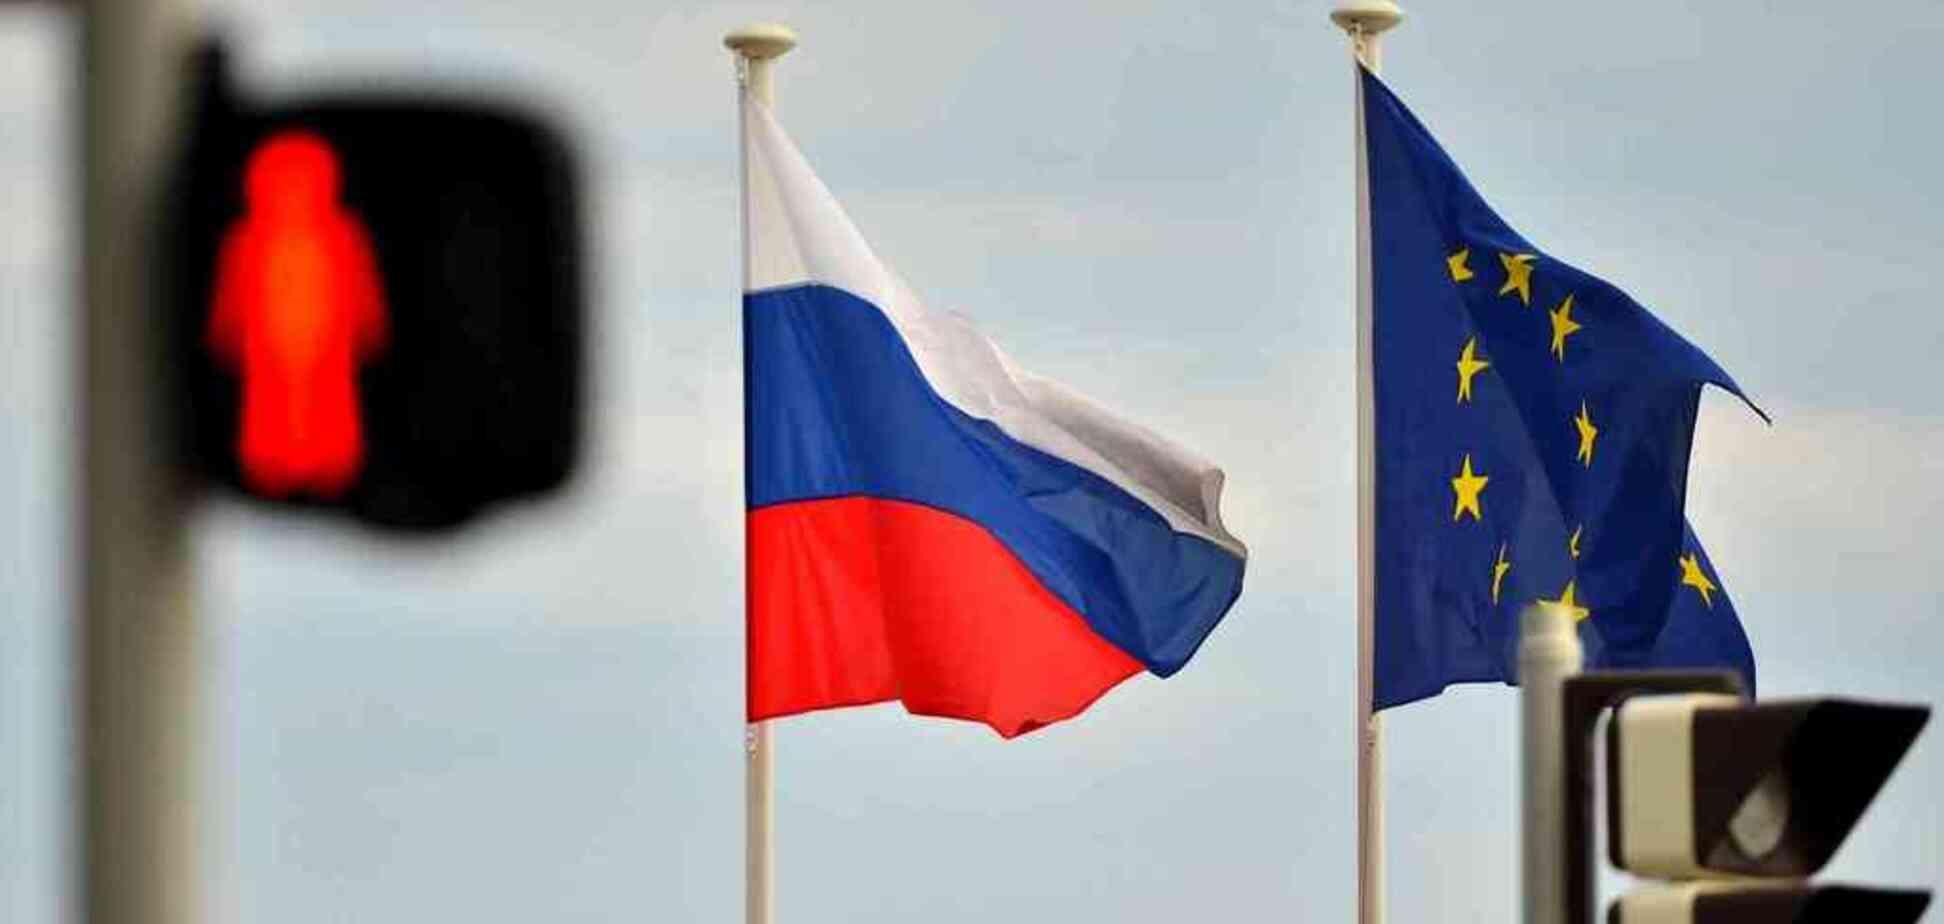 Скандальная резолюция ПАСЕ: Россия возмутилась ультиматуму и собралась на выход